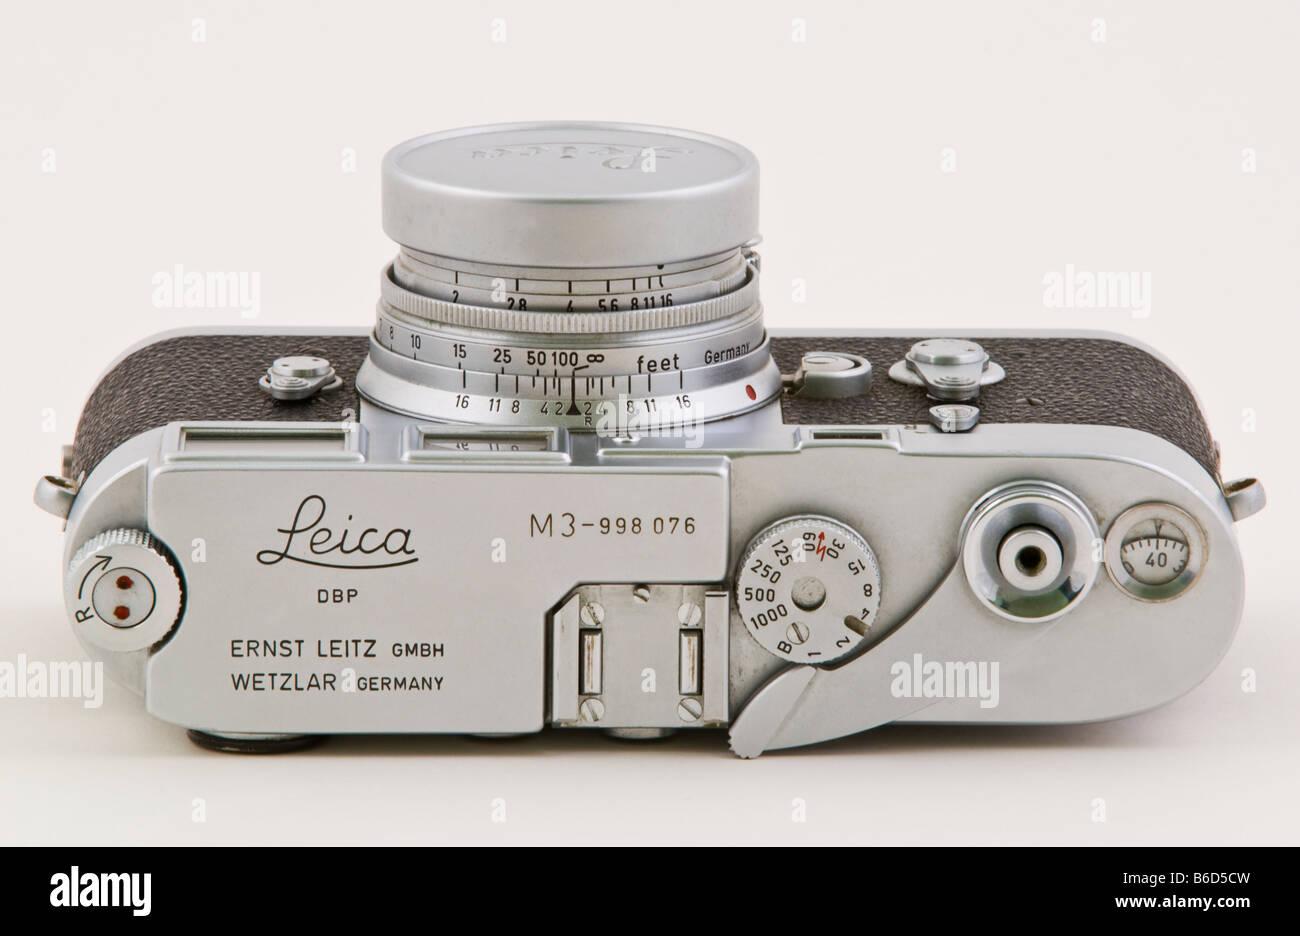 Classic Leica M3 rangefinder film camera - Stock Image